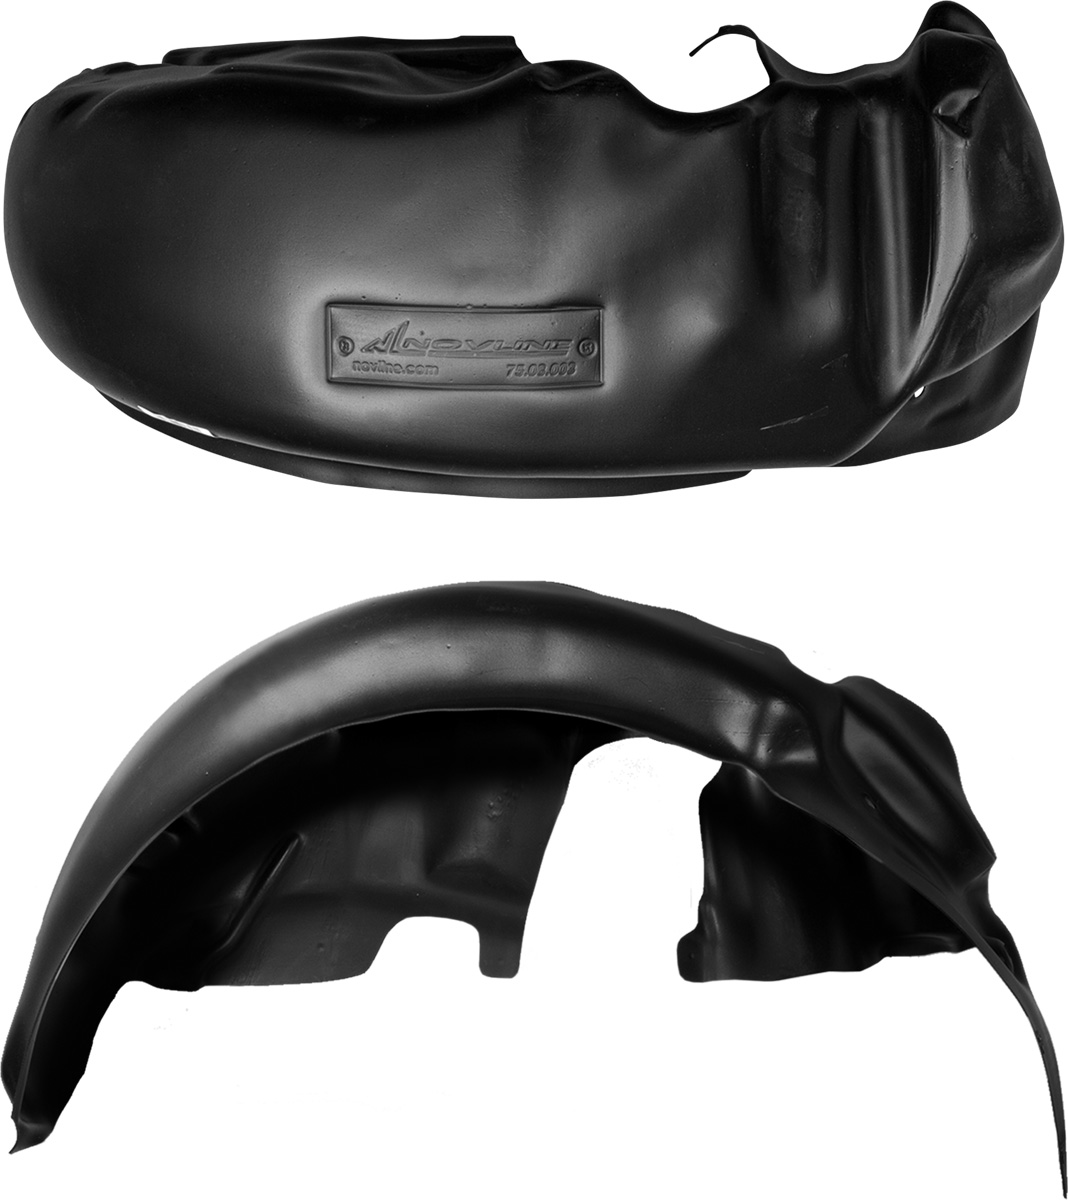 Подкрылок Novline-Autofamily, для Nissan Qashqai, 2007-2013, задний правыйNLL.36.07.004Колесные ниши - одни из самых уязвимых зон днища вашего автомобиля. Они постоянно подвергаются воздействию со стороны дороги. Лучшая, почти абсолютная защита для них - специально отформованные пластиковые кожухи, которые называются подкрылками. Производятся они как для отечественных моделей автомобилей, так и для иномарок. Подкрылки Novline-Autofamily выполнены из высококачественного, экологически чистого пластика. Обеспечивают надежную защиту кузова автомобиля от пескоструйного эффекта и негативного влияния, агрессивных антигололедных реагентов. Пластик обладает более низкой теплопроводностью, чем металл, поэтому в зимний период эксплуатации использование пластиковых подкрылков позволяет лучше защитить колесные ниши от налипания снега и образования наледи. Оригинальность конструкции подчеркивает элегантность автомобиля, бережно защищает нанесенное на днище кузова антикоррозийное покрытие и позволяет осуществить крепление подкрылков внутри колесной арки практически без дополнительного крепежа и сверления, не нарушая при этом лакокрасочного покрытия, что предотвращает возникновение новых очагов коррозии. Подкрылки долговечны, обладают высокой прочностью и сохраняют заданную форму, а также все свои физико-механические характеристики в самых тяжелых климатических условиях (от -50°С до +50°С).Уважаемые клиенты!Обращаем ваше внимание, на тот факт, что подкрылок имеет форму, соответствующую модели данного автомобиля. Фото служит для визуального восприятия товара.